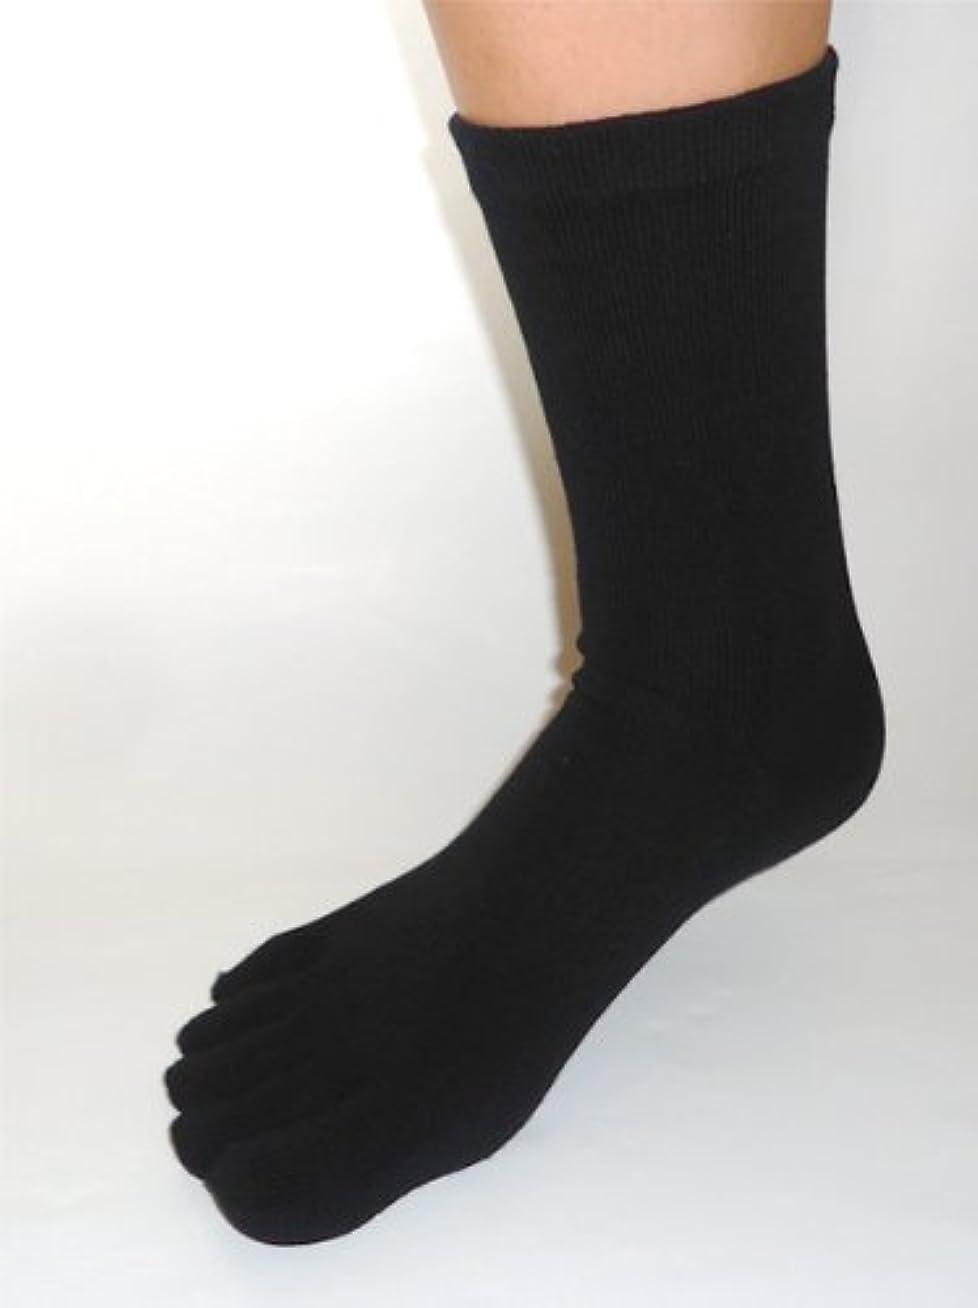 ローズ快いフィードバック日本製 紳士5本指靴下 こだわりシルク 24~26cm お買得3色3足組